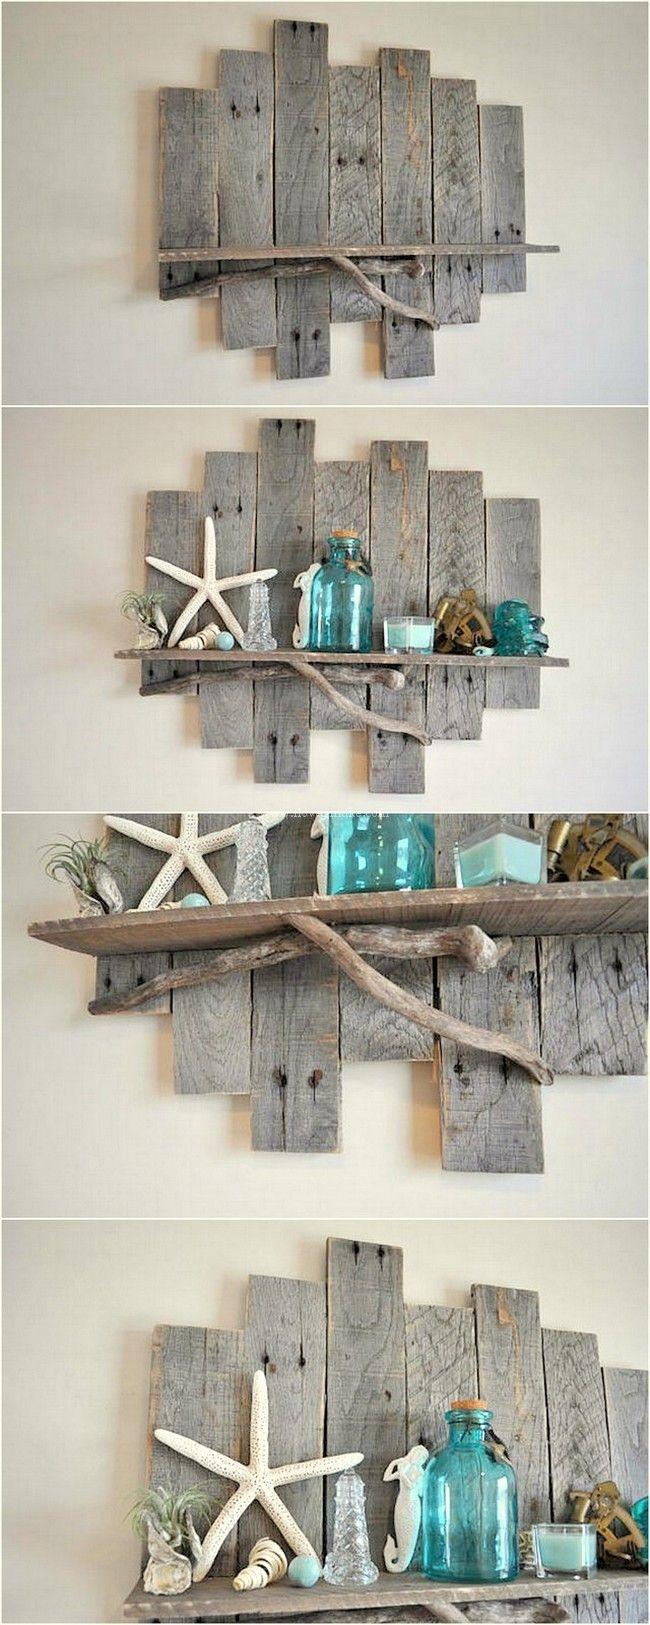 Paletten billig Holz Regal Ideen verwenden bei jedem Zuhause | Trend ...